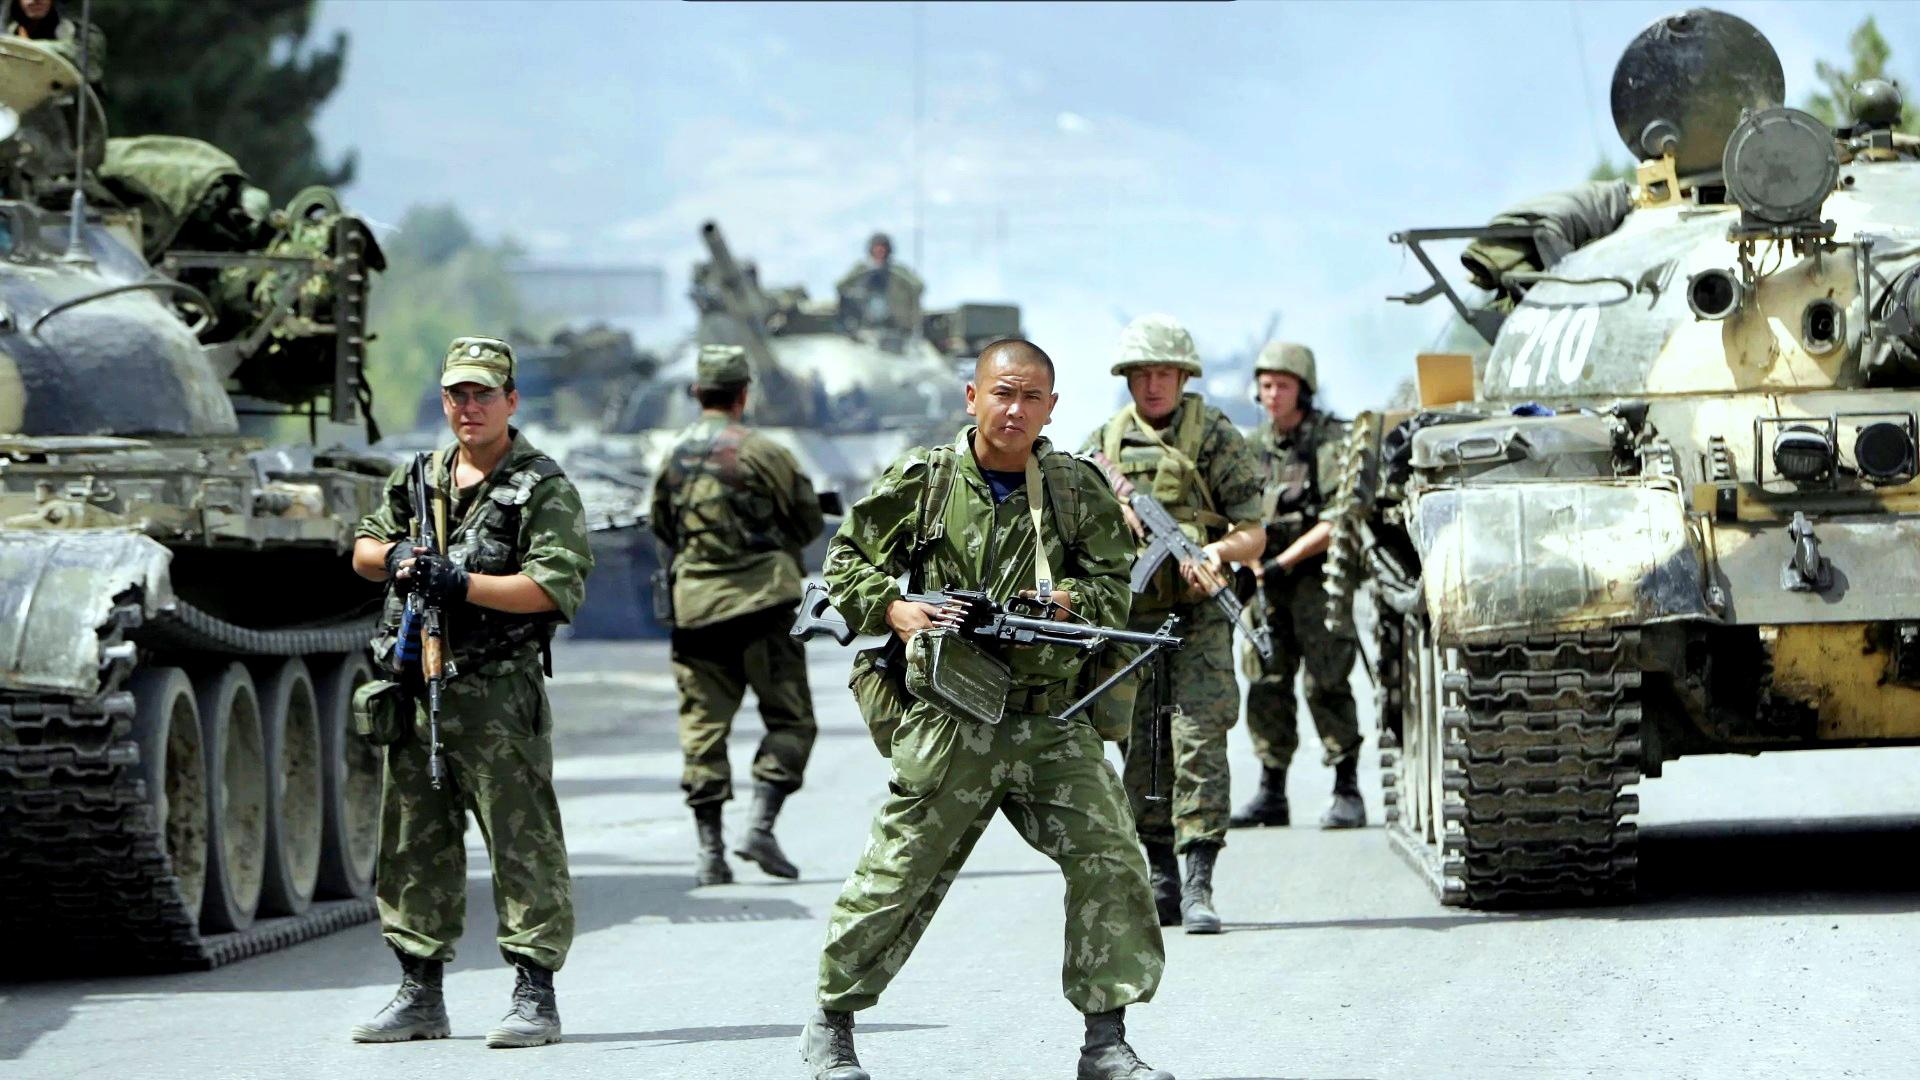 Это знаменитое фото. Грузия, 08.08.08. После разгрома армии Саакашвили её отступившие части перегруппировались ирешили вернуться вГори, нонаткнулись наподвижный российский блокпост